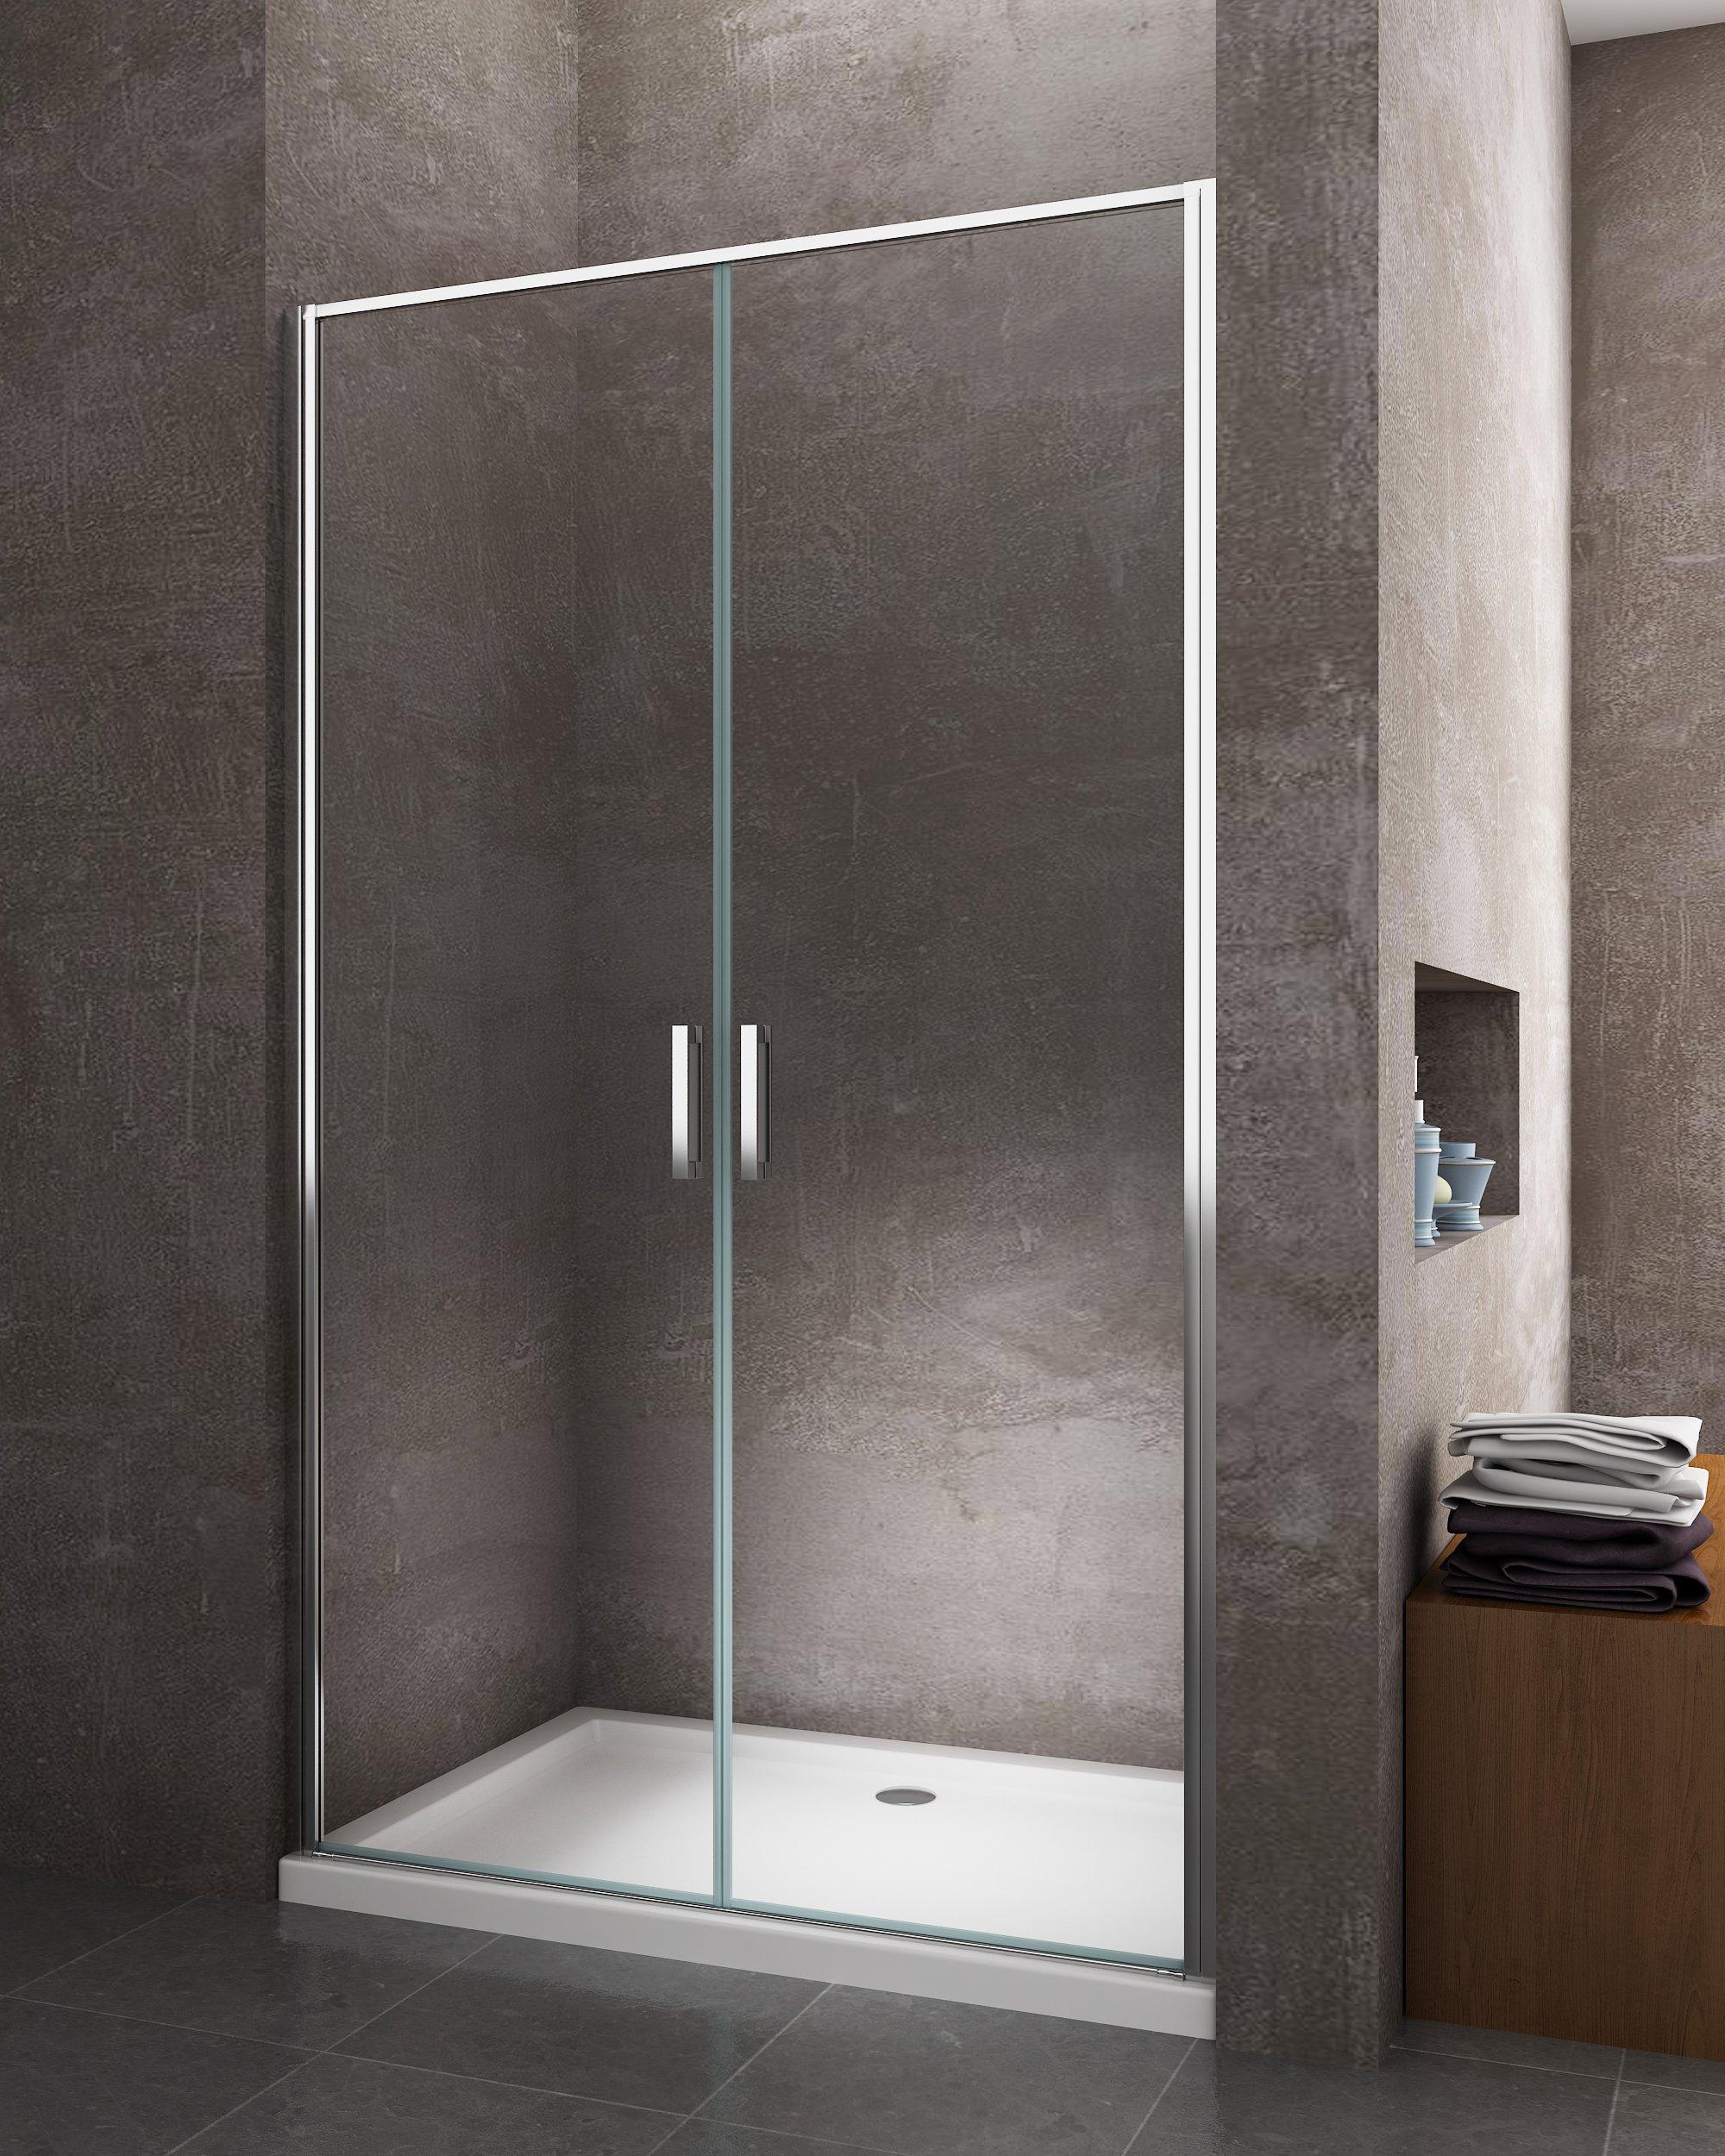 Docce moderne prezzi box doccia lati a scomparsa in acrilico mm e alluminio bianco ral with - Cabine doccia prezzi leroy merlin ...